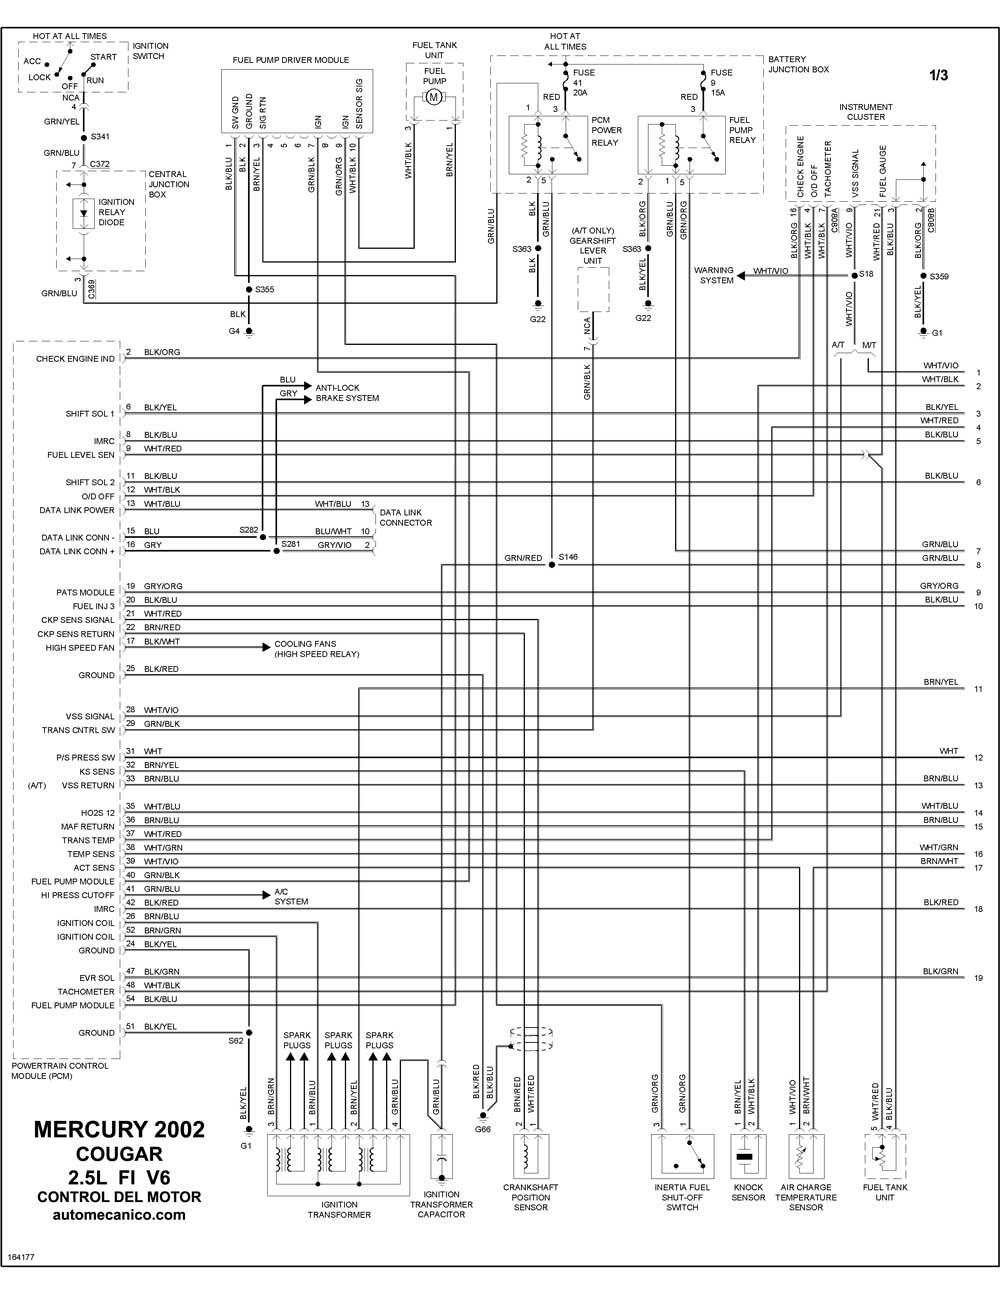 mercury - diagramas control del motor 2002